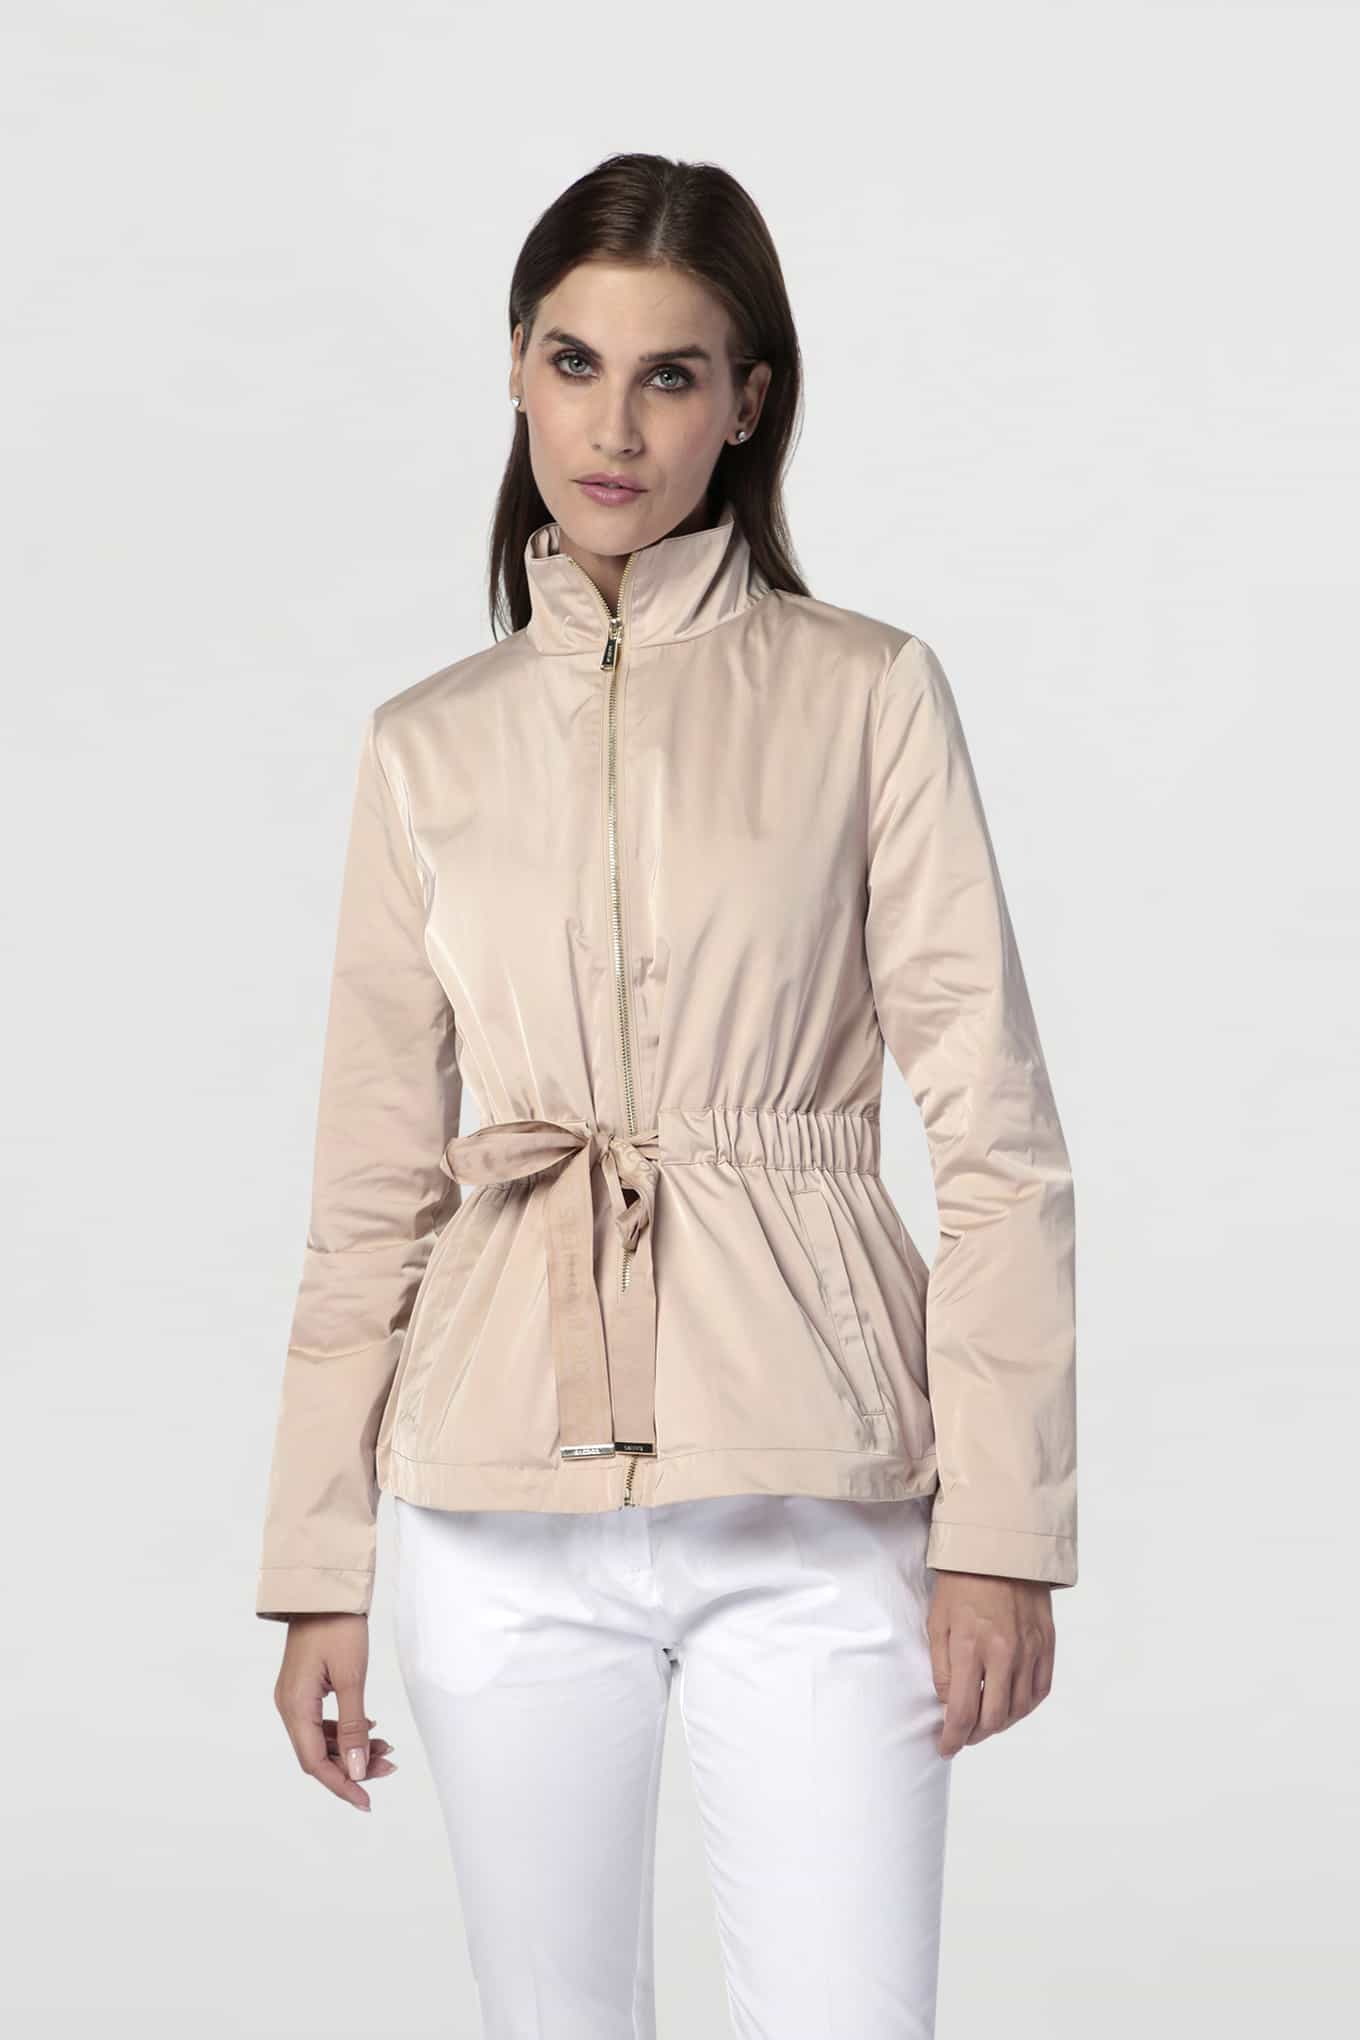 Jacket Beige Casual Woman